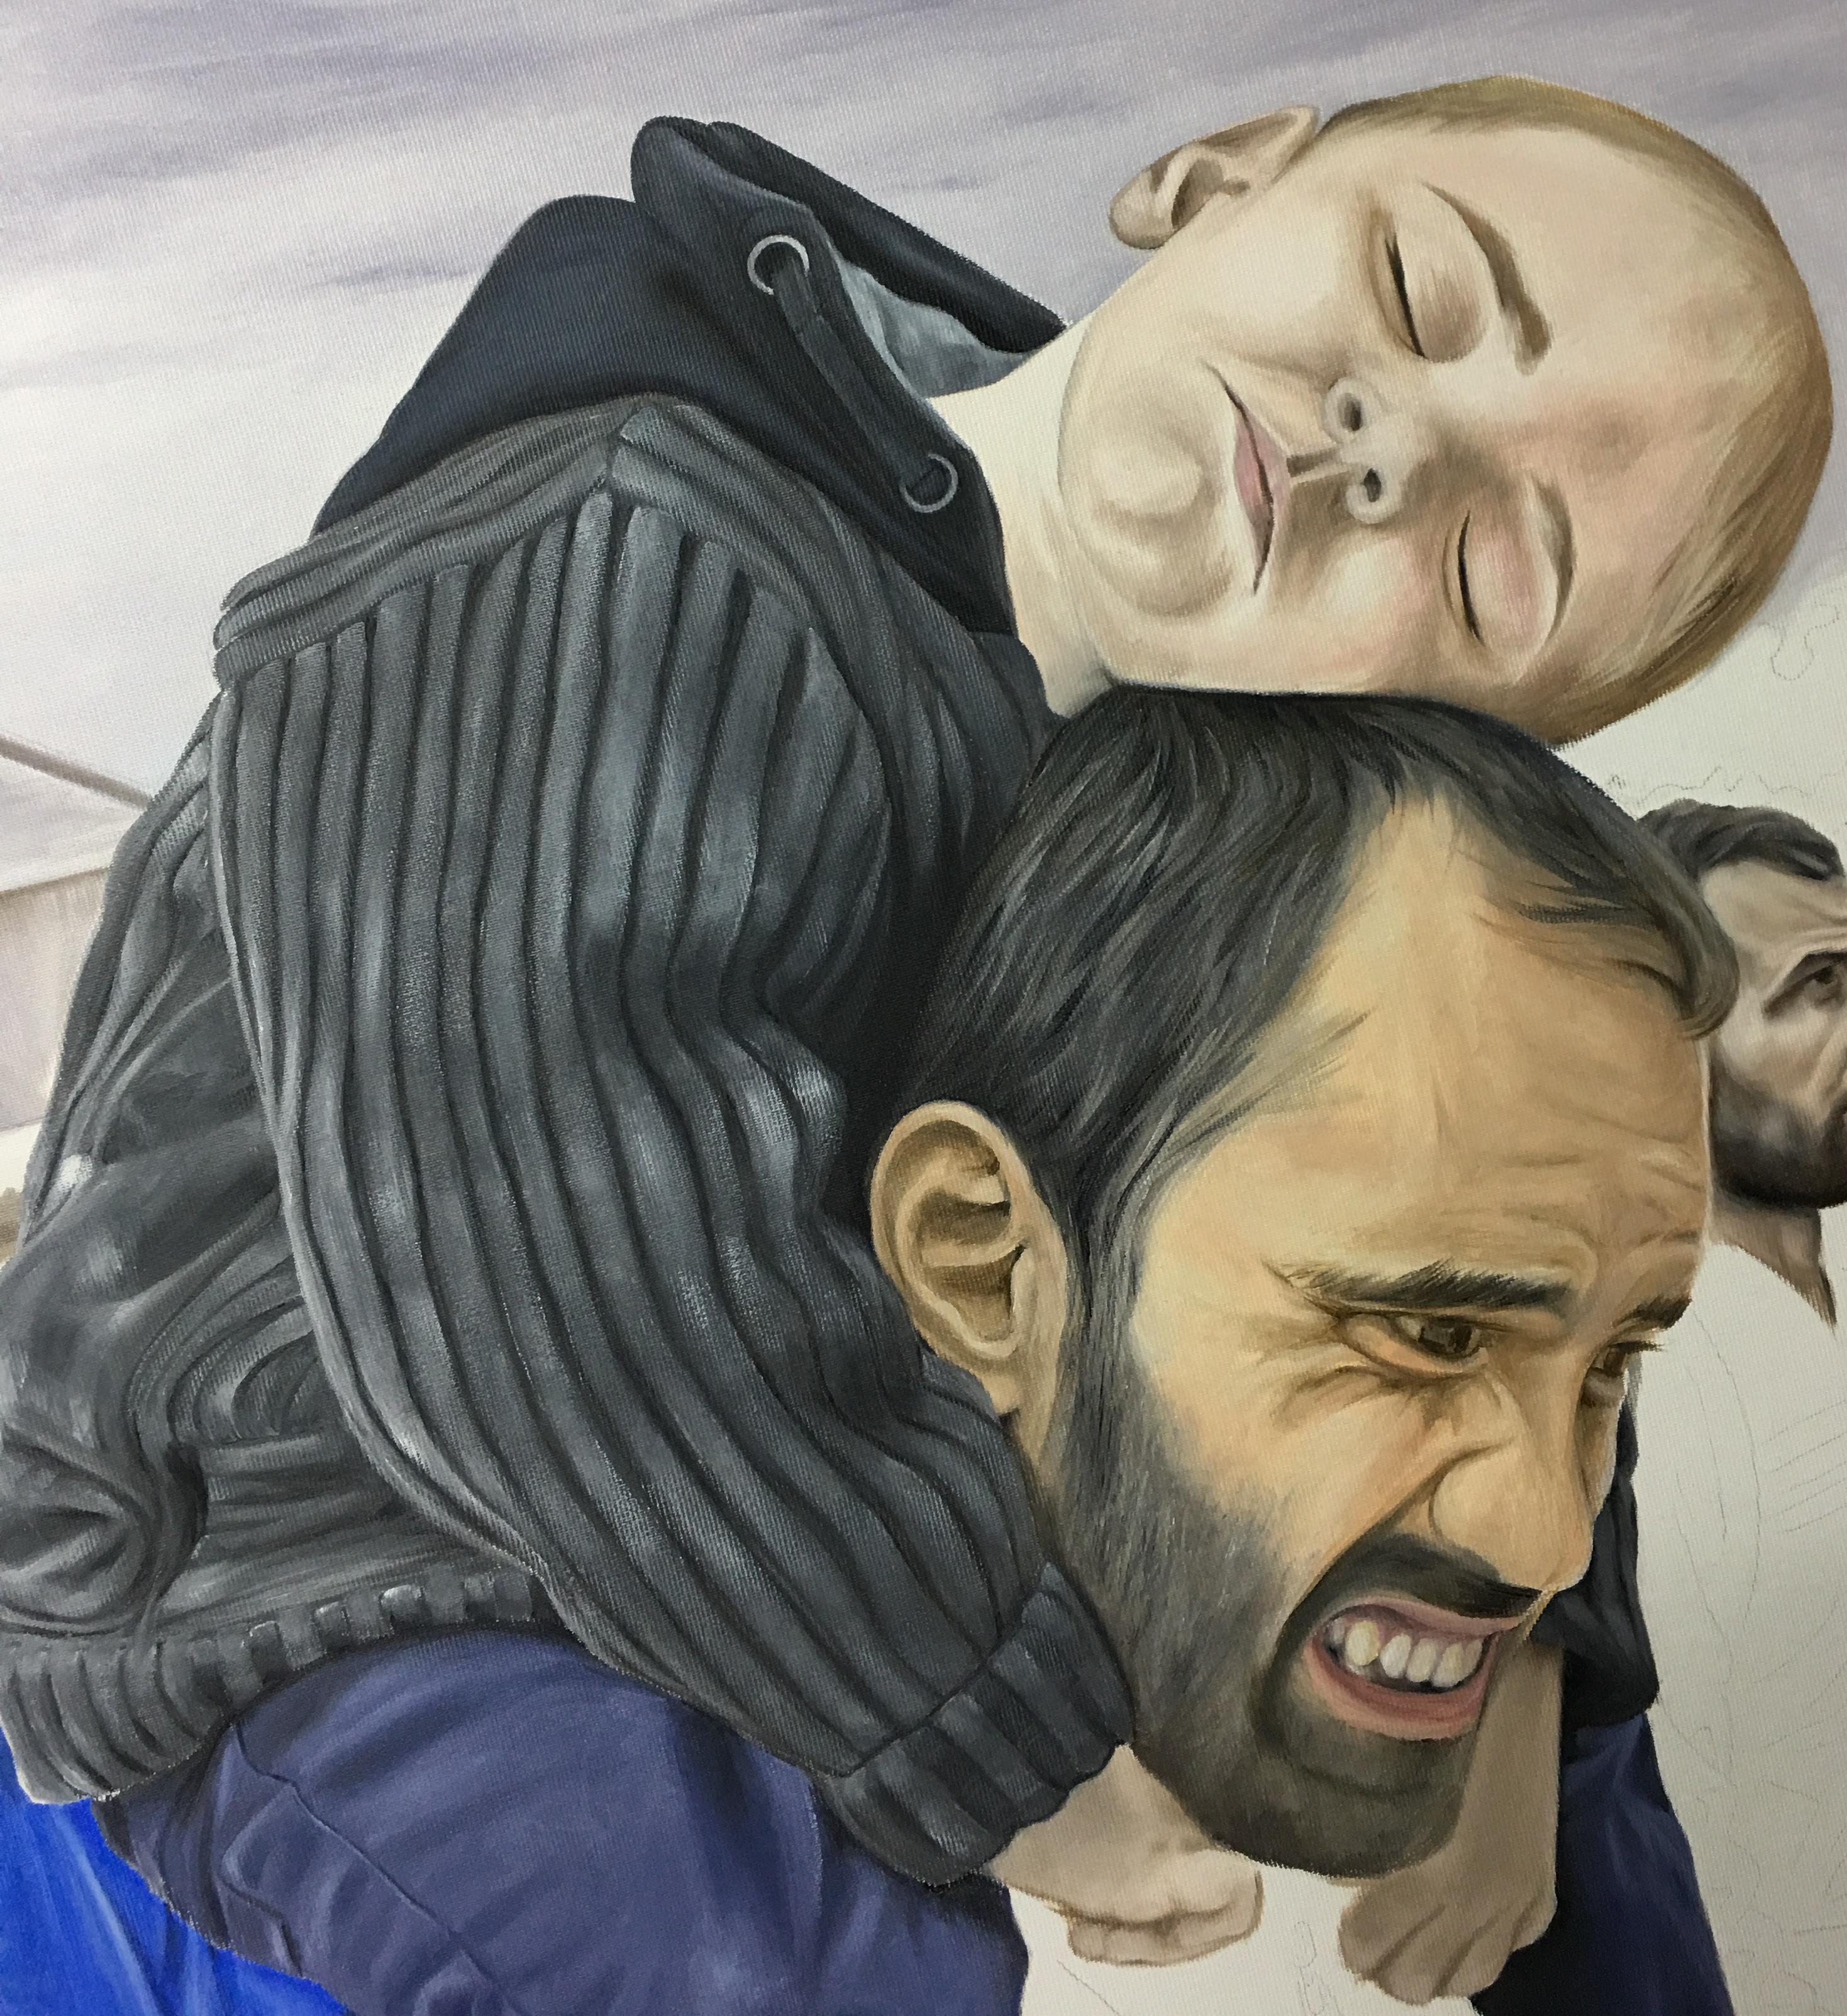 Refugiados. Pintura de David Marcelo de los refugiados de guerra